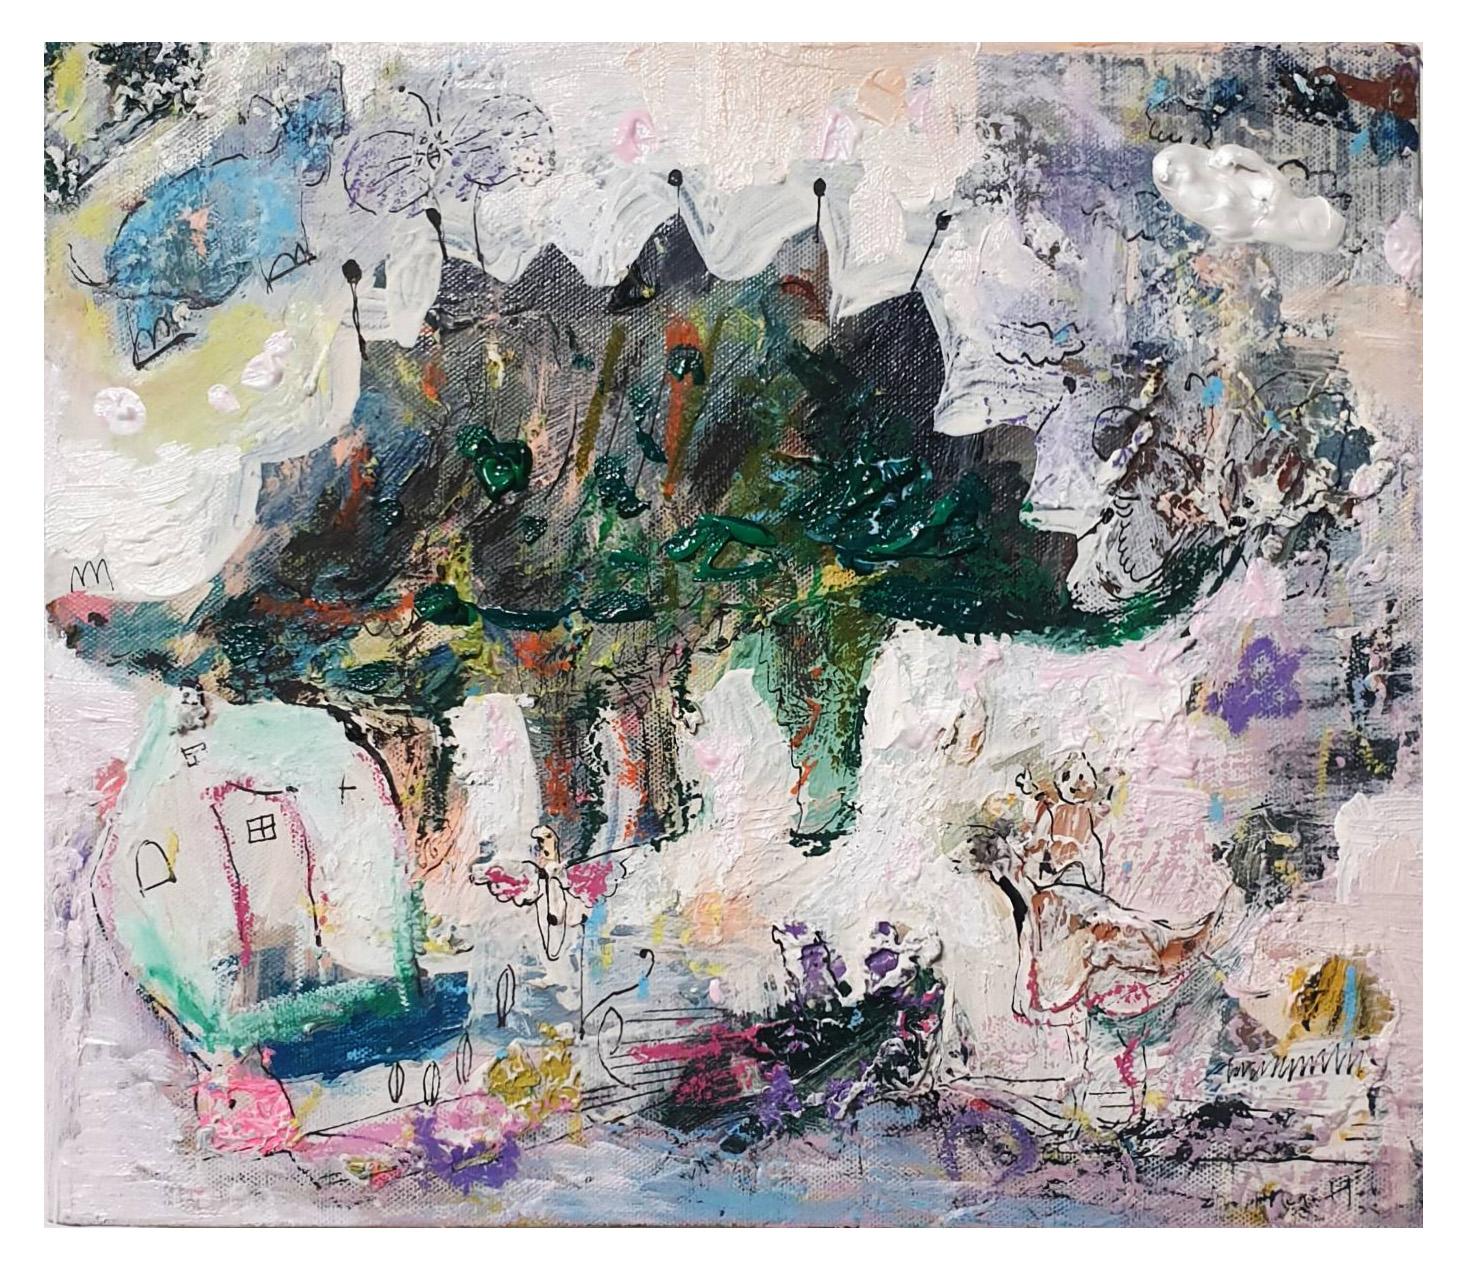 林慧姮_在山裡玩耍 2014 Acrylic on canvas 2014 30